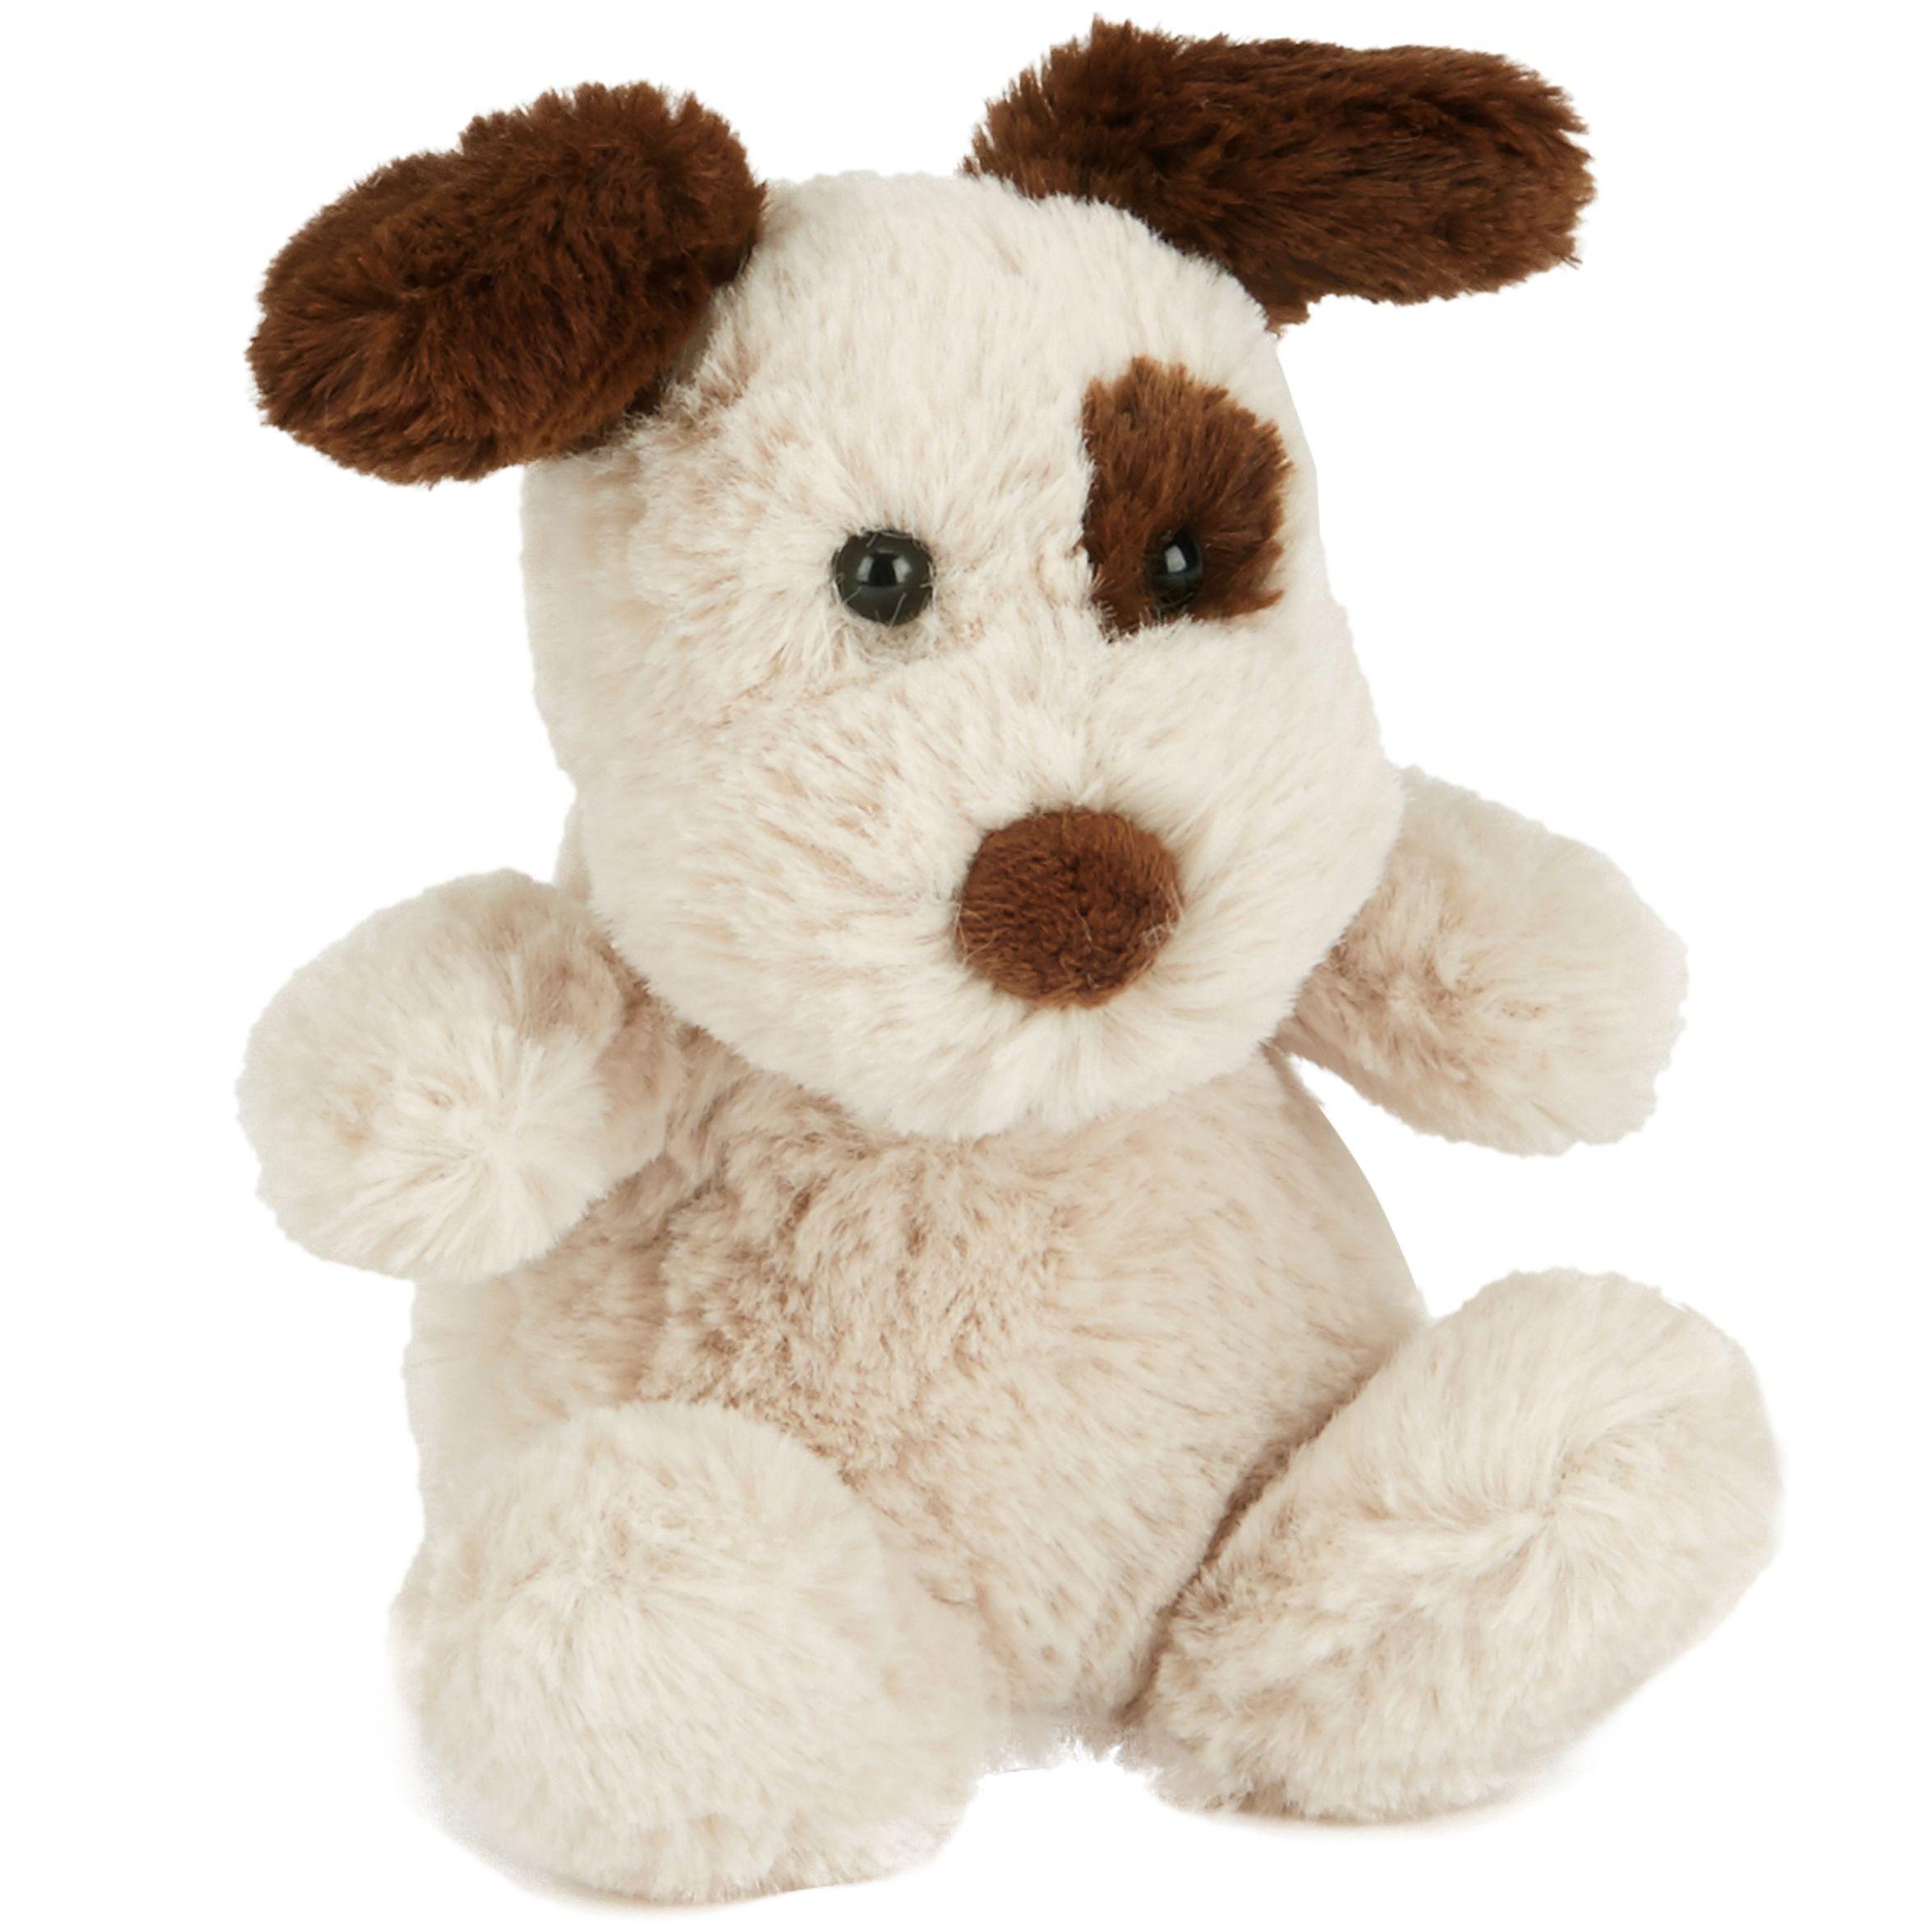 Jellycat Jellycat Poppet Pup Soft Toy